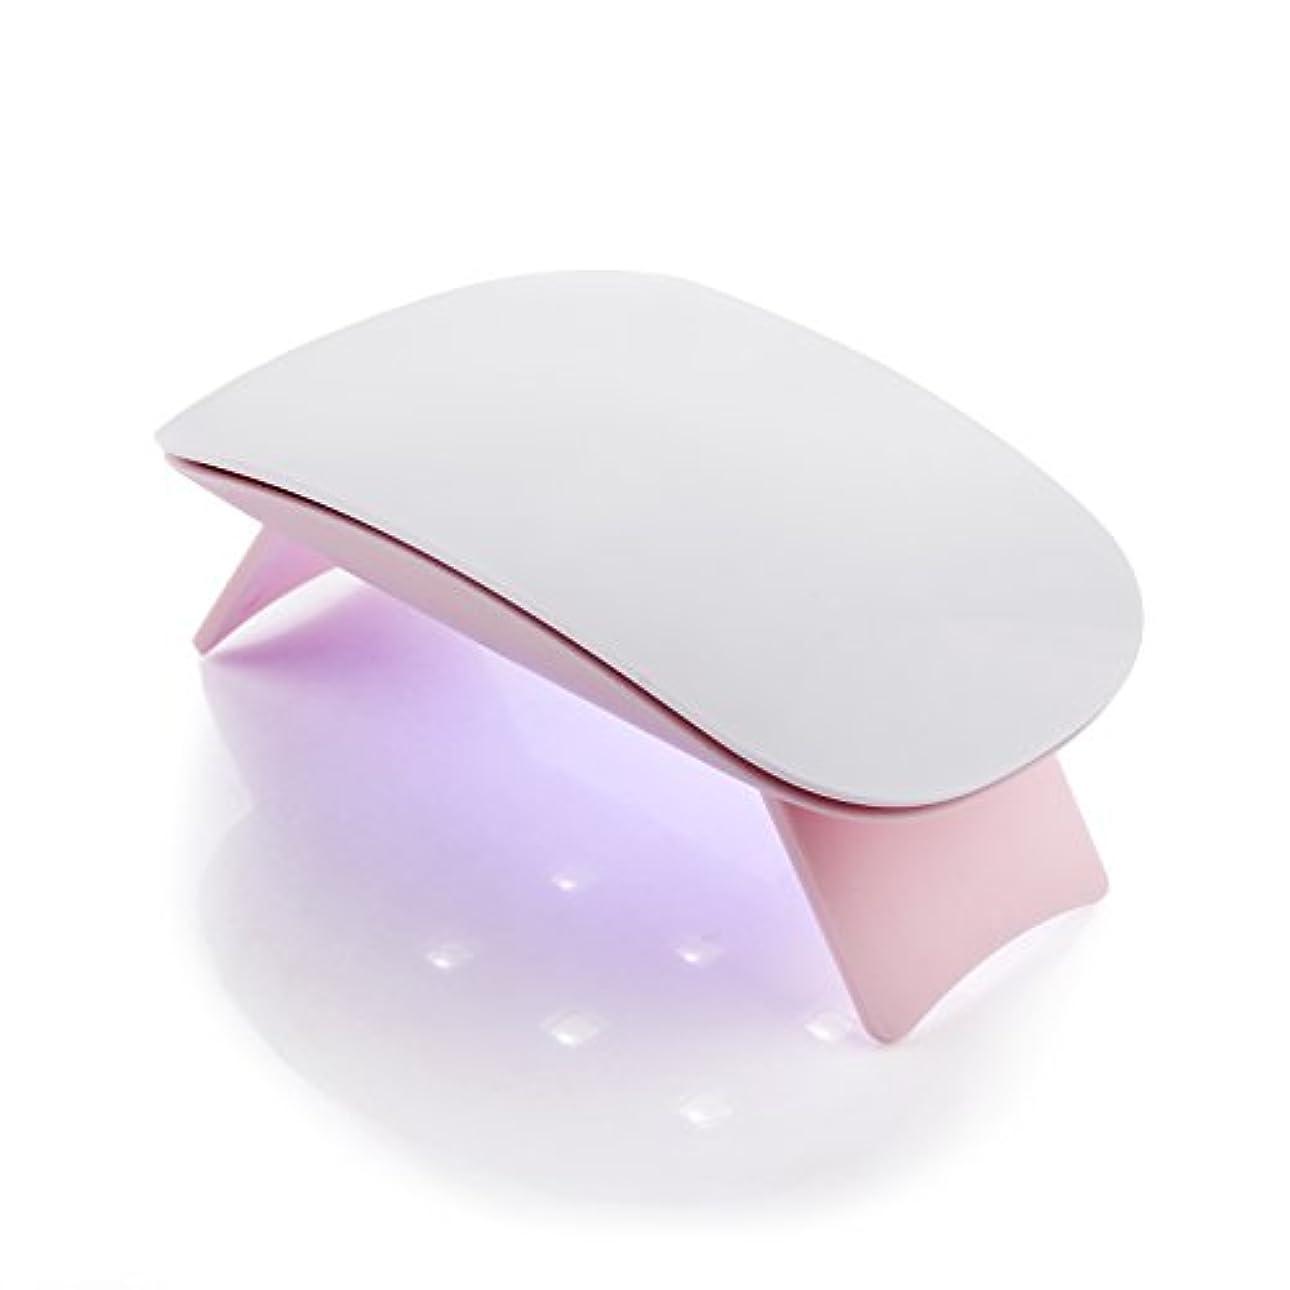 農業のセットアップジョグMakartt 6W UV ジェルネイルLEDライト  超ミニ USB式ネイルドライヤー ネイル硬化用ライト 赤外線検知